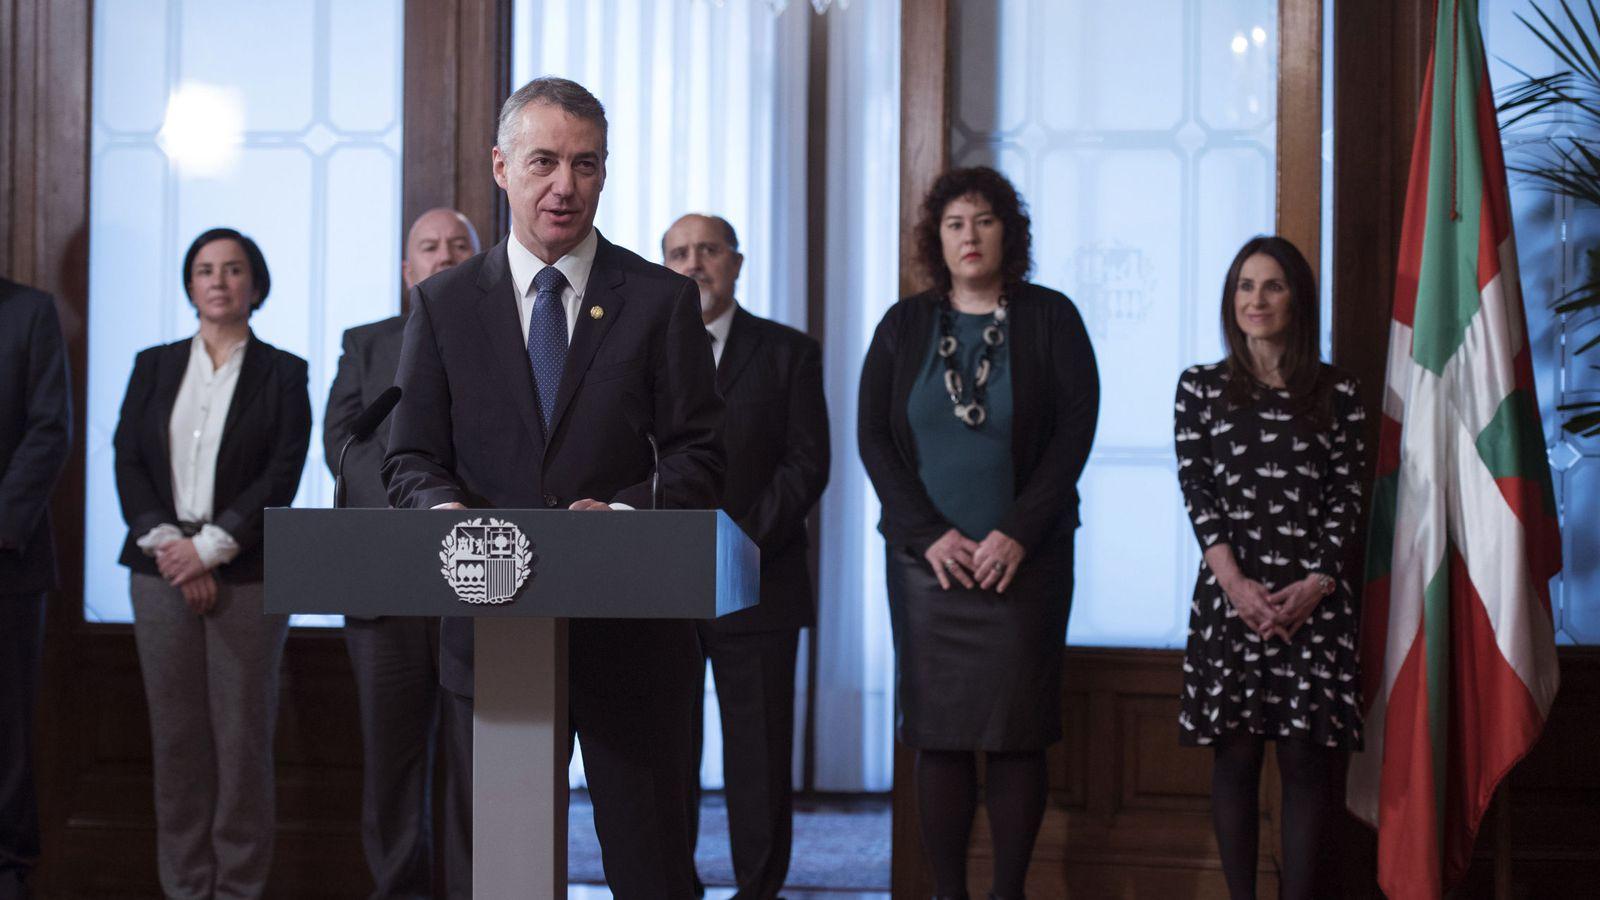 Foto: El lendakari, Iñigo Urkullu, durante su intervención en el acto de toma de posesión de los consejeros del Gobierno vasco. (EFE)